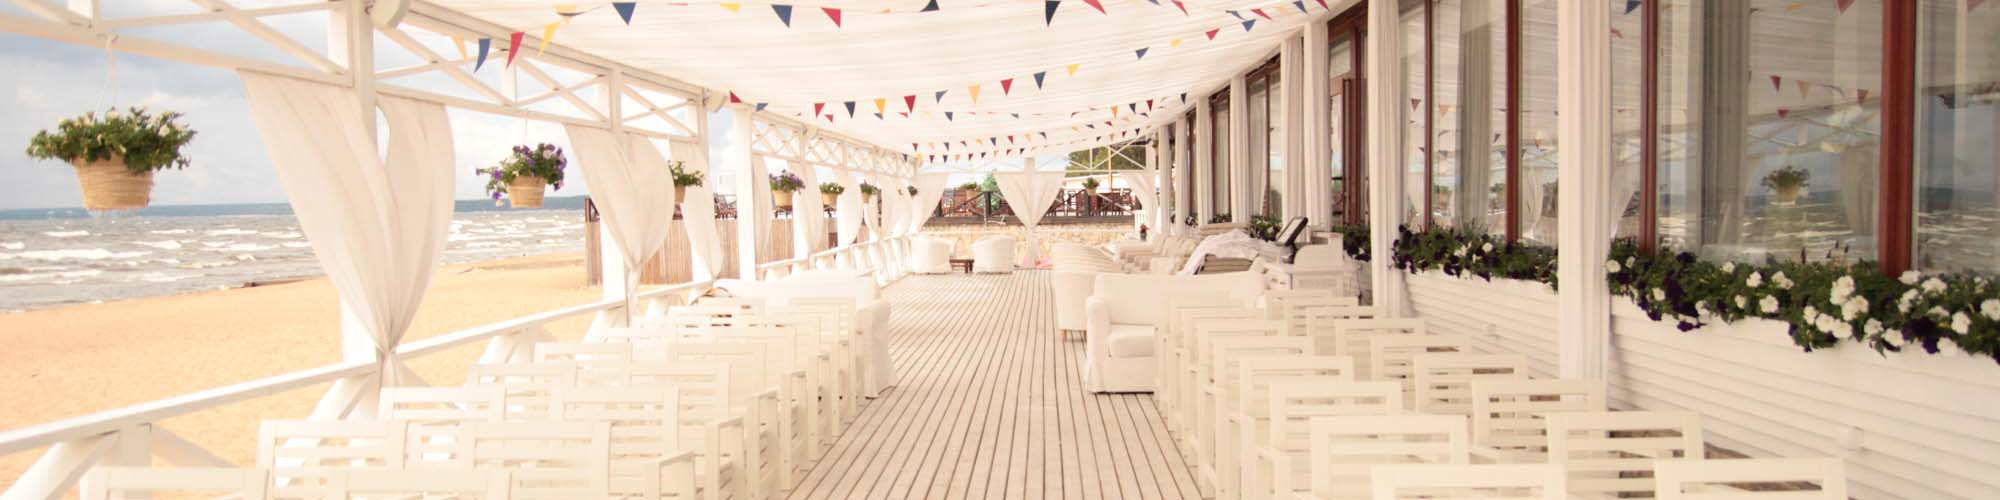 свадьба на финском заливе